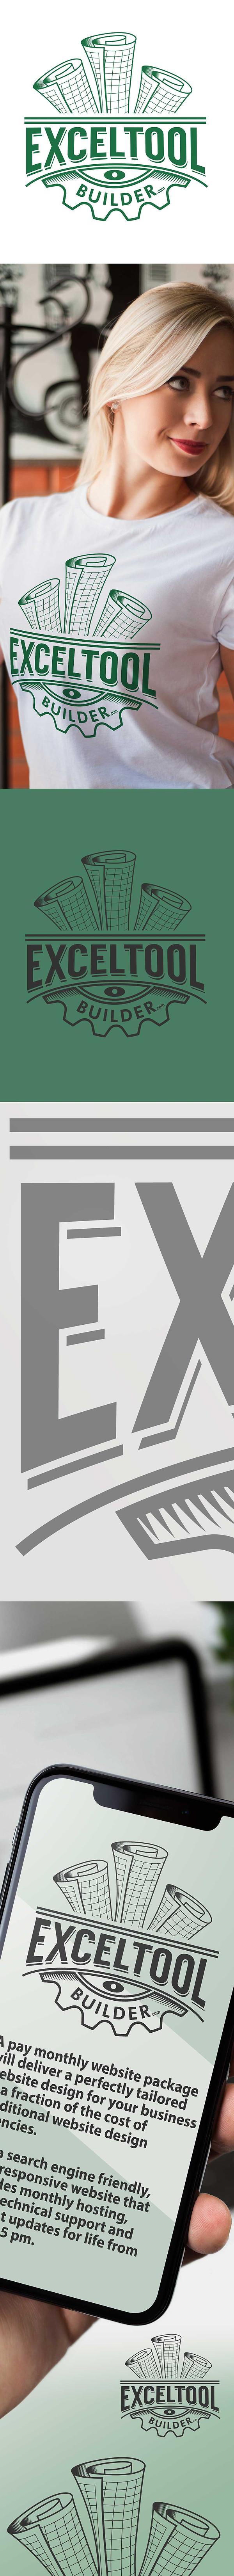 Vertical-Excel-Tools-Builder-1.jpg